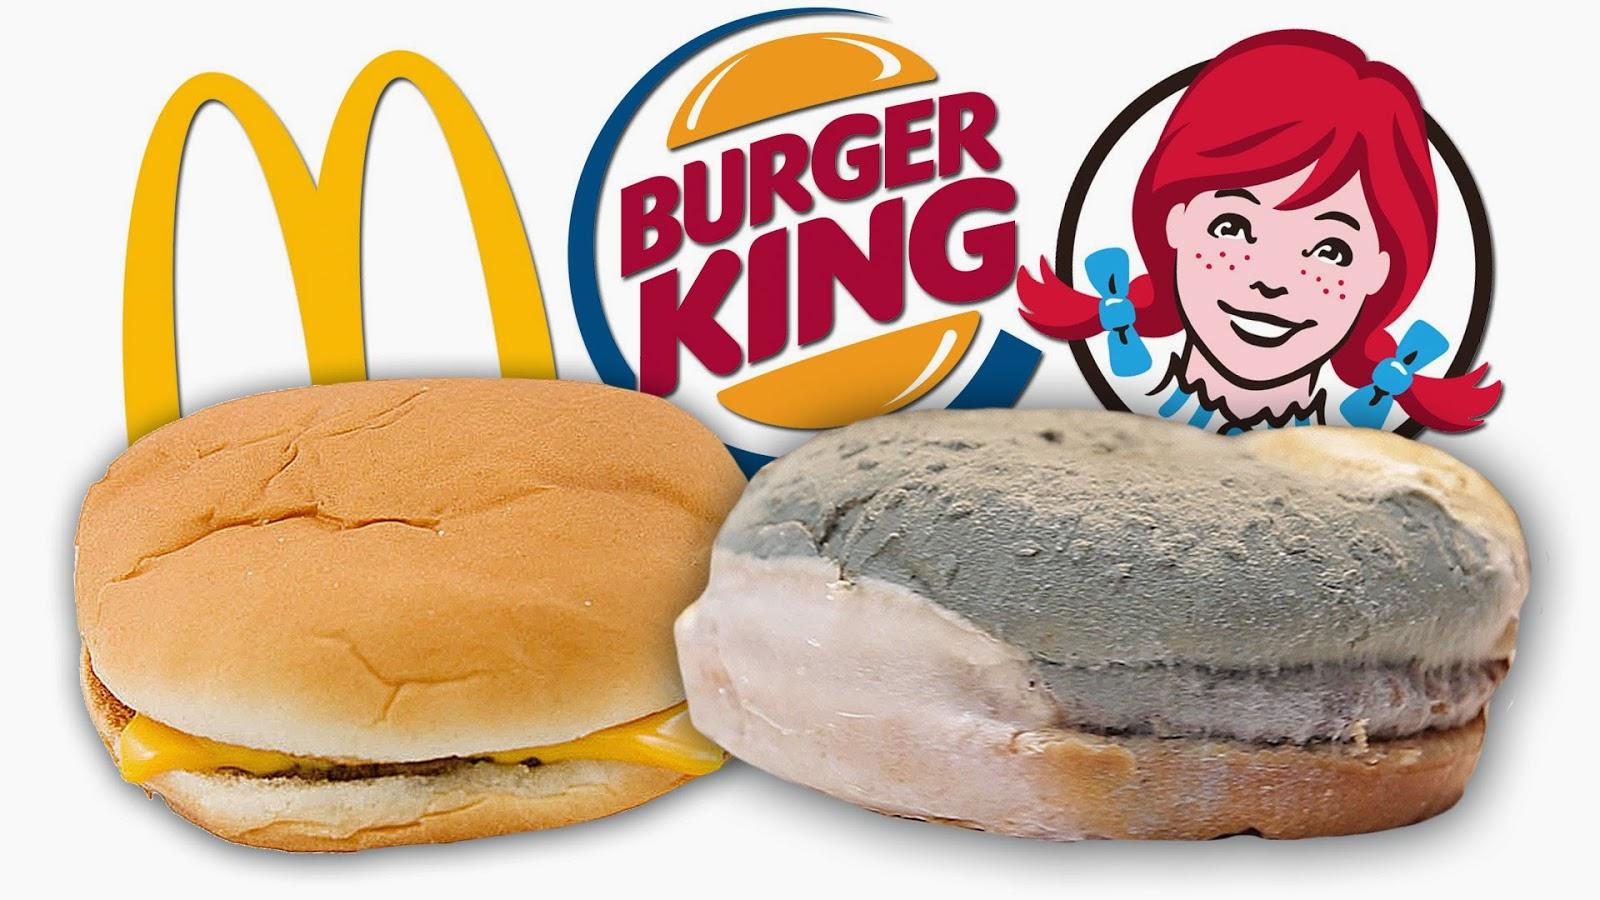 Em quanto tempo o lanche de um restaurante fast-food estraga?